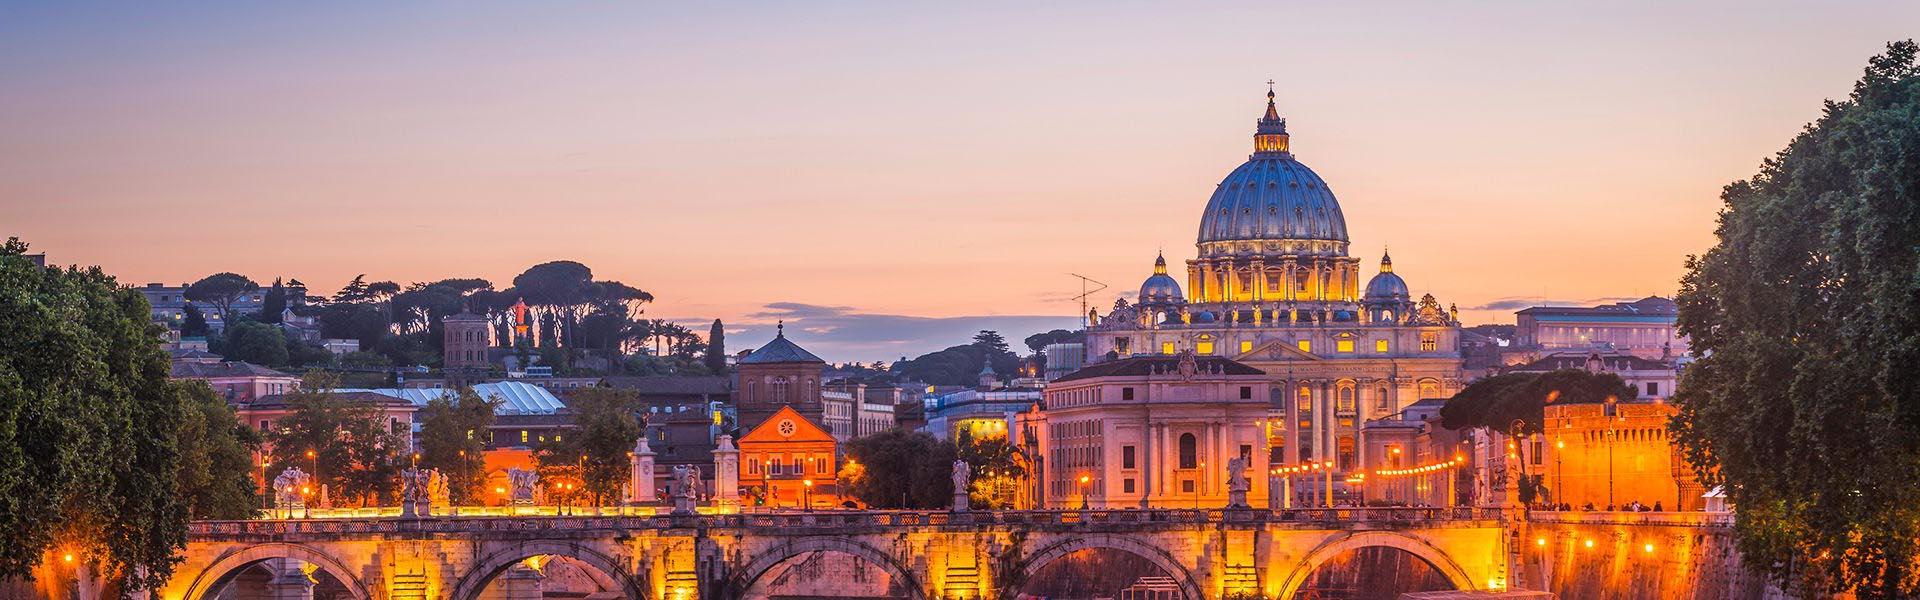 Silueta urbana de Roma con la Basílica de San Pedro